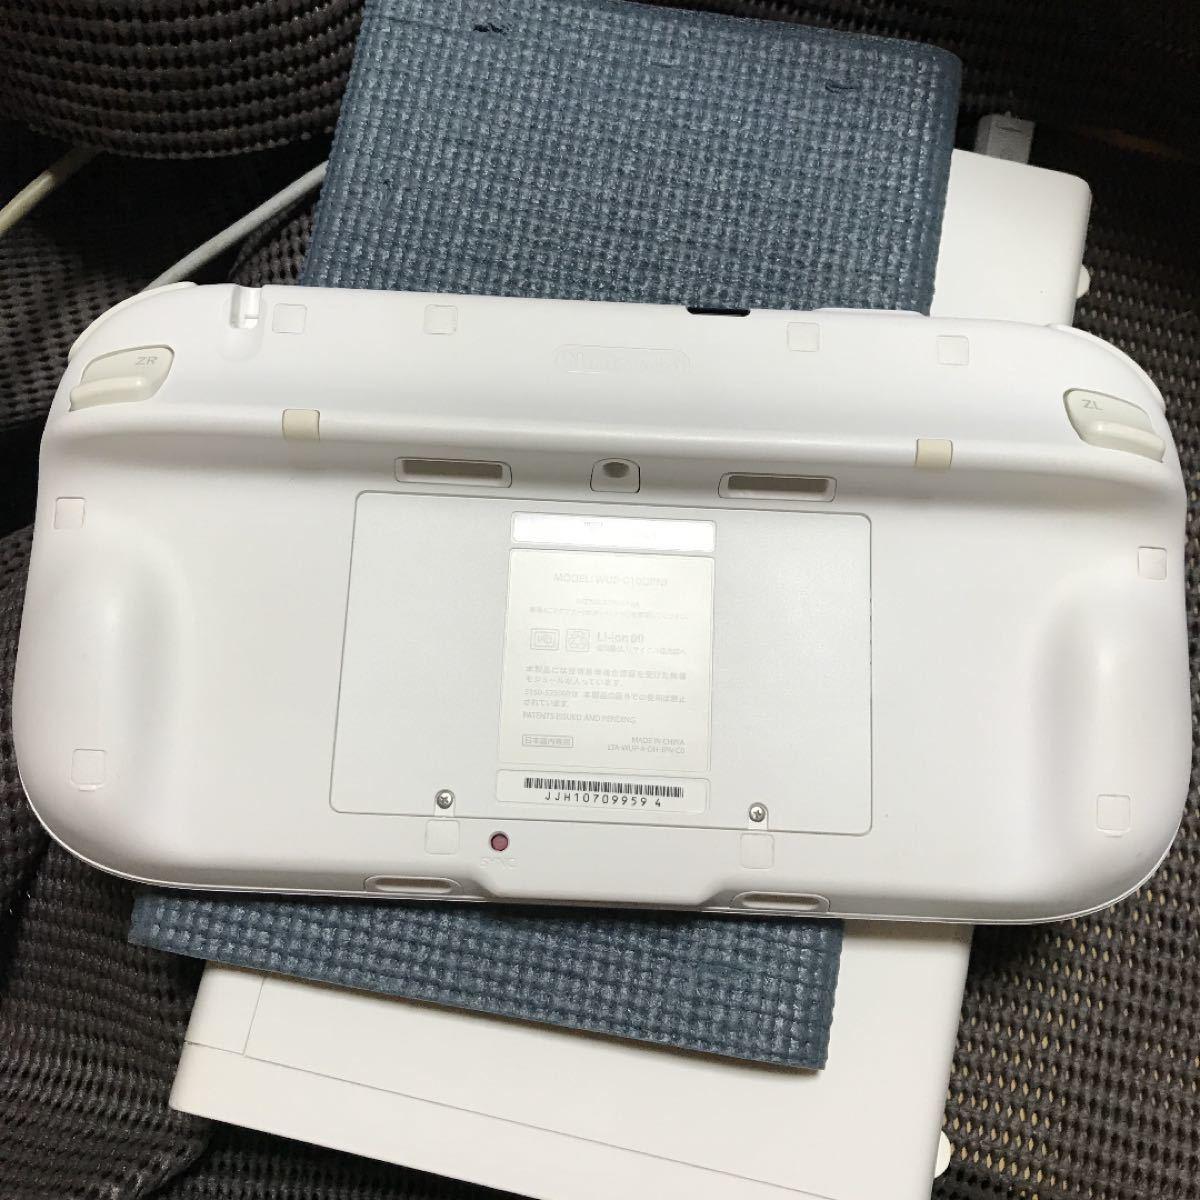 Wii U 32GB NEWスーパーマリオブラザーズU・wiiパーティーU内蔵